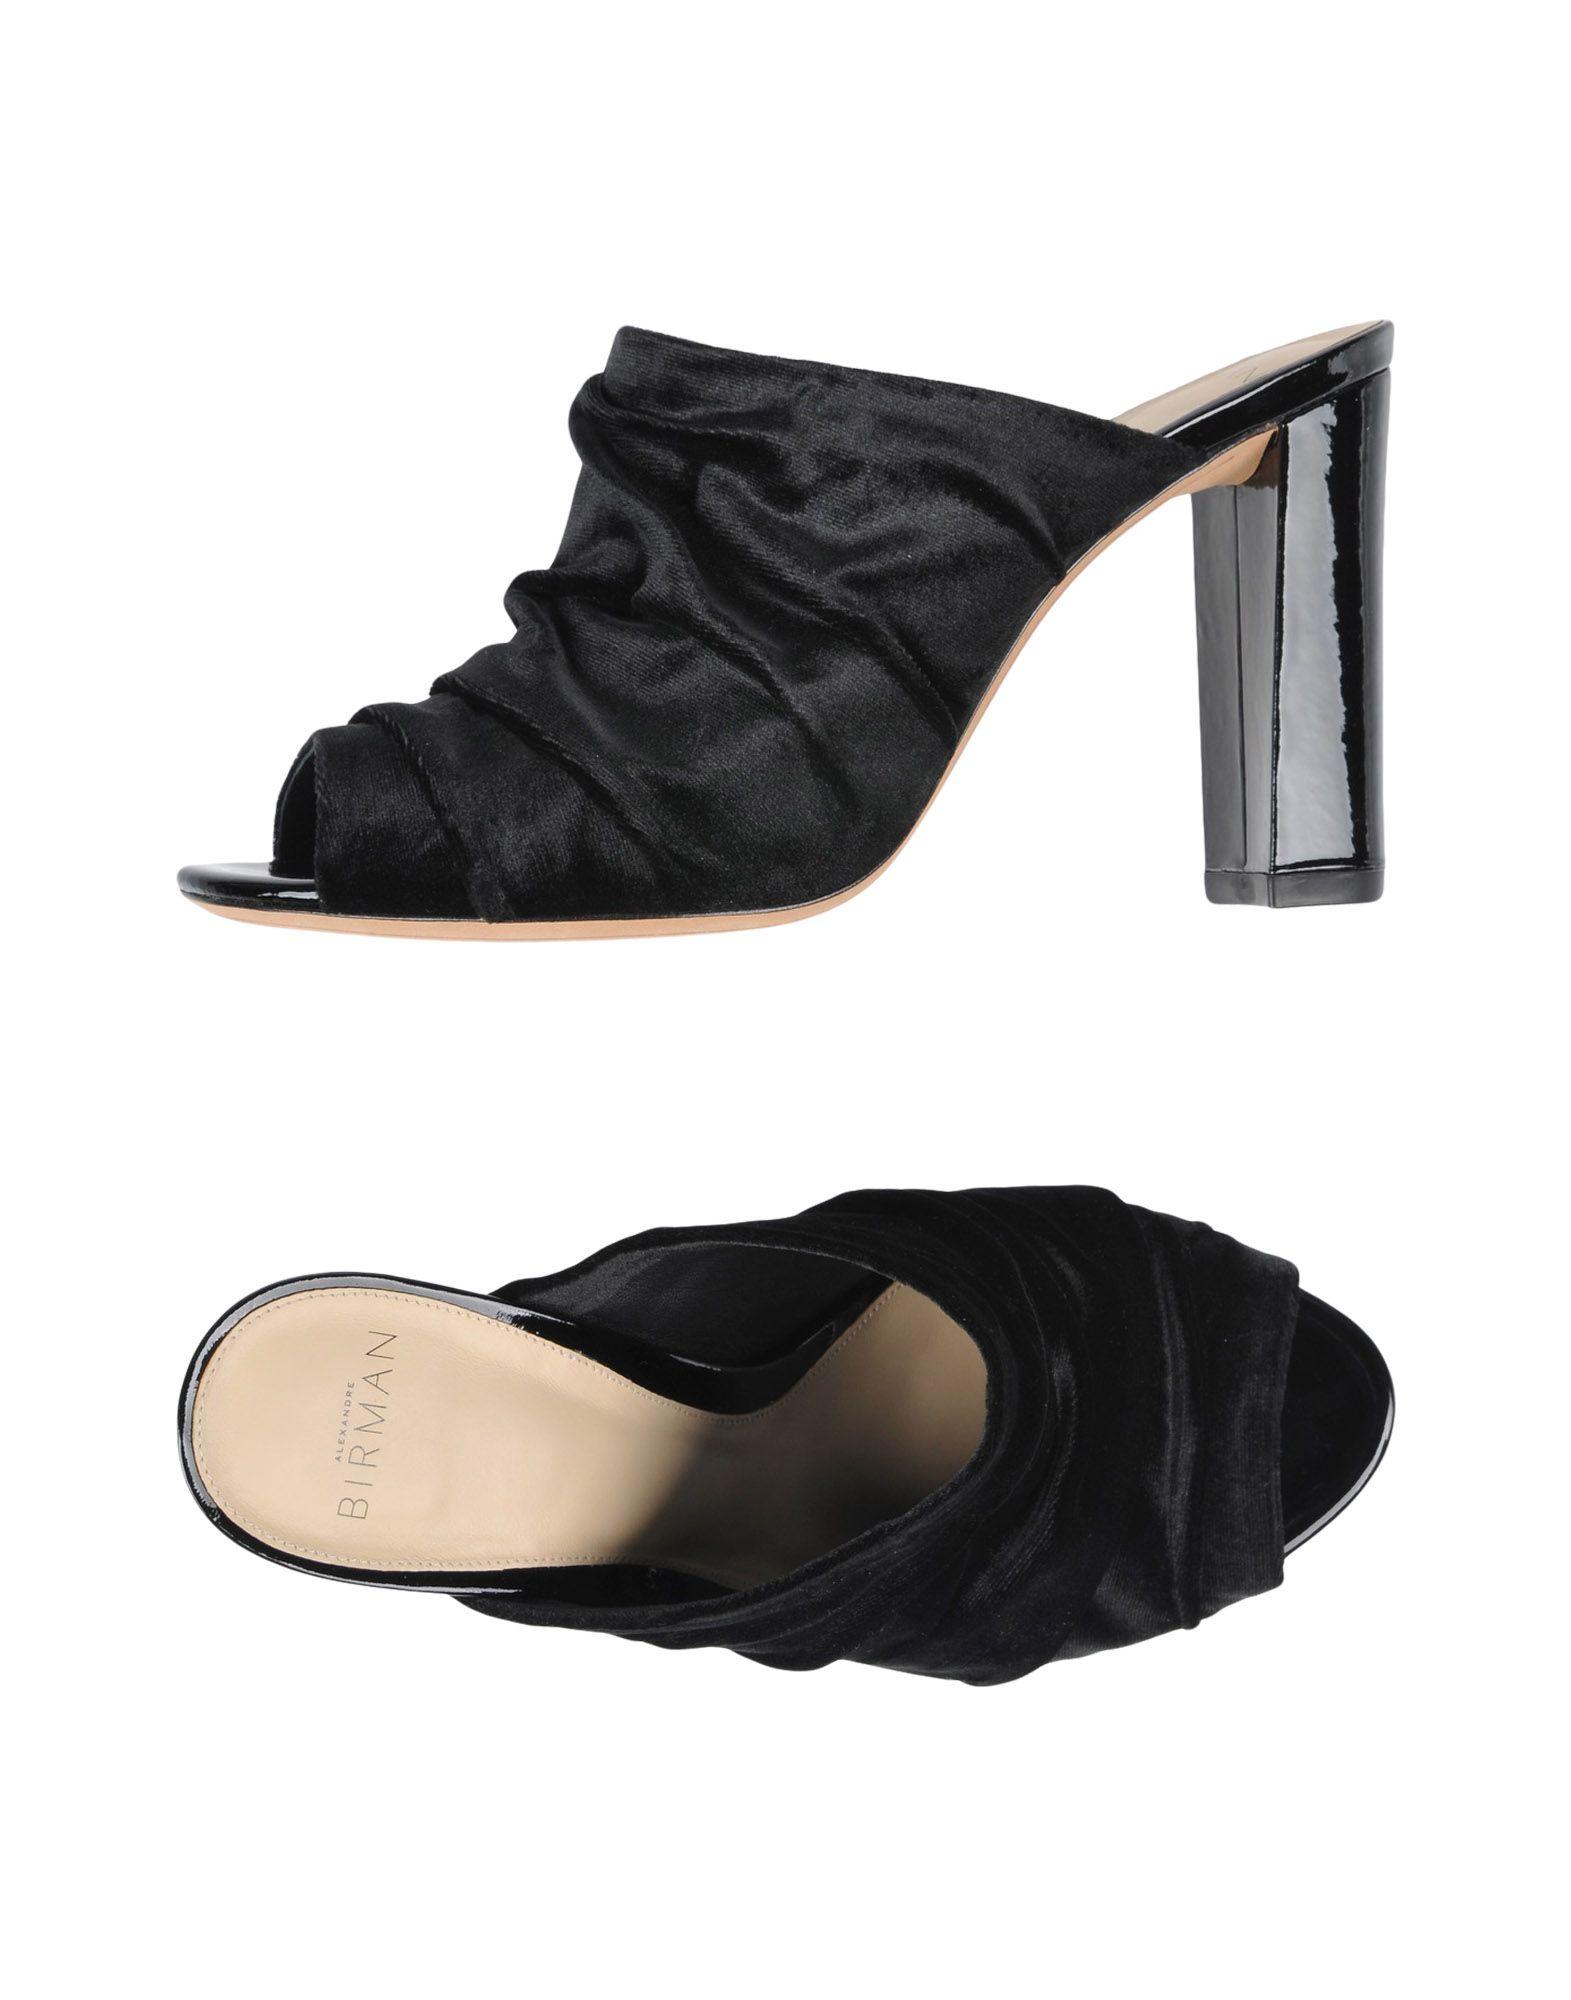 Alexandre Birman Pantoletten Damen Schuhe  11472730PSGünstige gut aussehende Schuhe Damen e3d2be